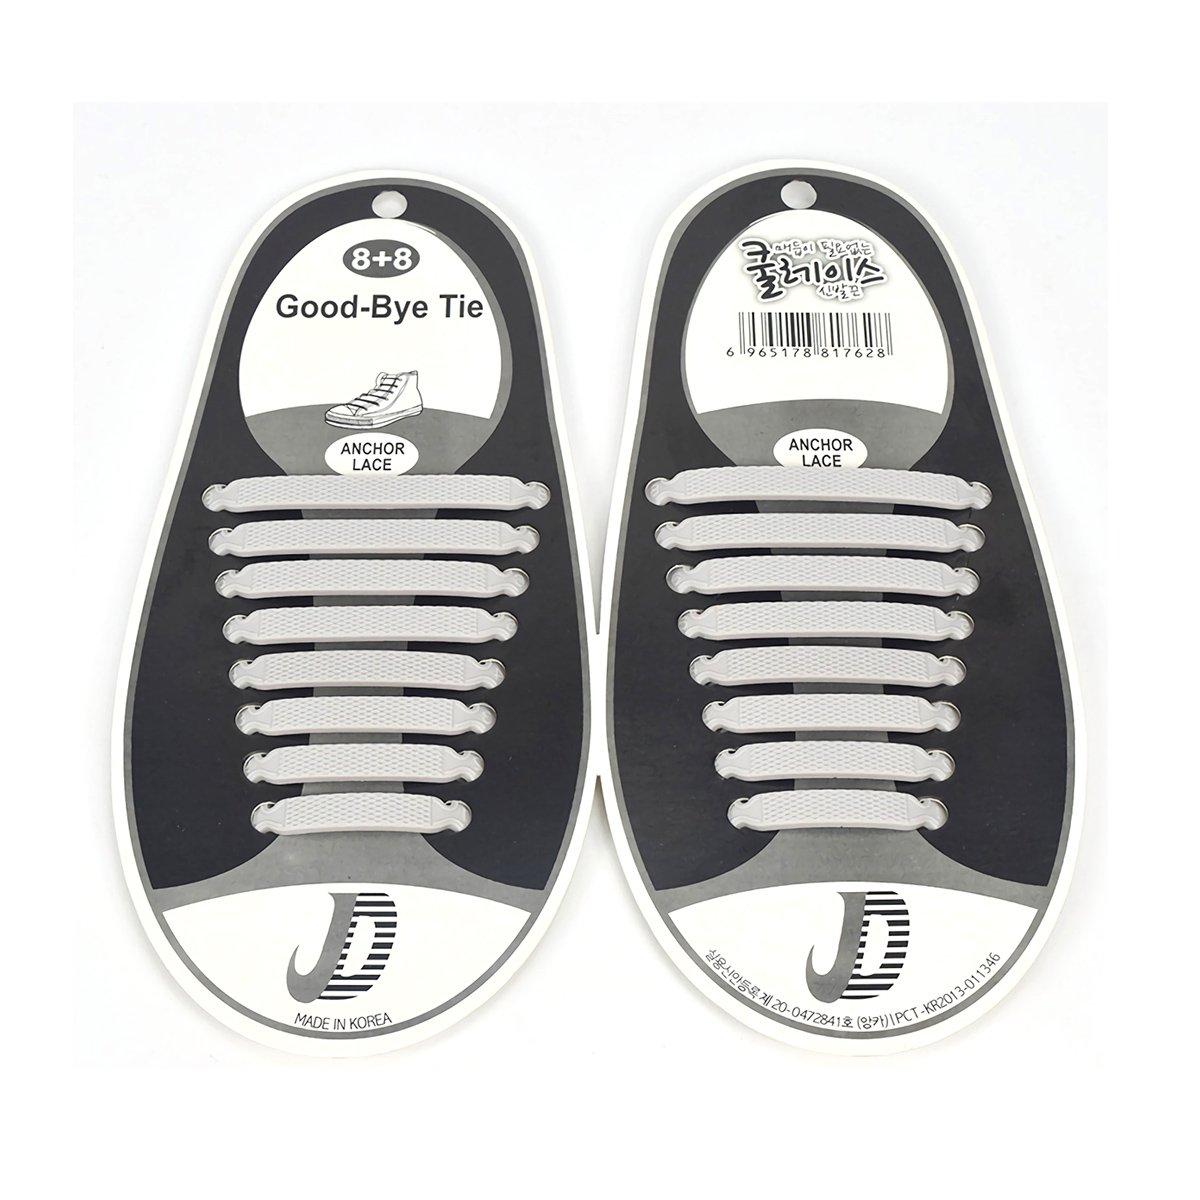 結ばない靴ひも 靴ひも 靴紐 ほどけない シリコン製 シューレース 便利 伸縮性 防水 着脱簡単 男女兼用 スニーカー紐 16本入り ホワイト